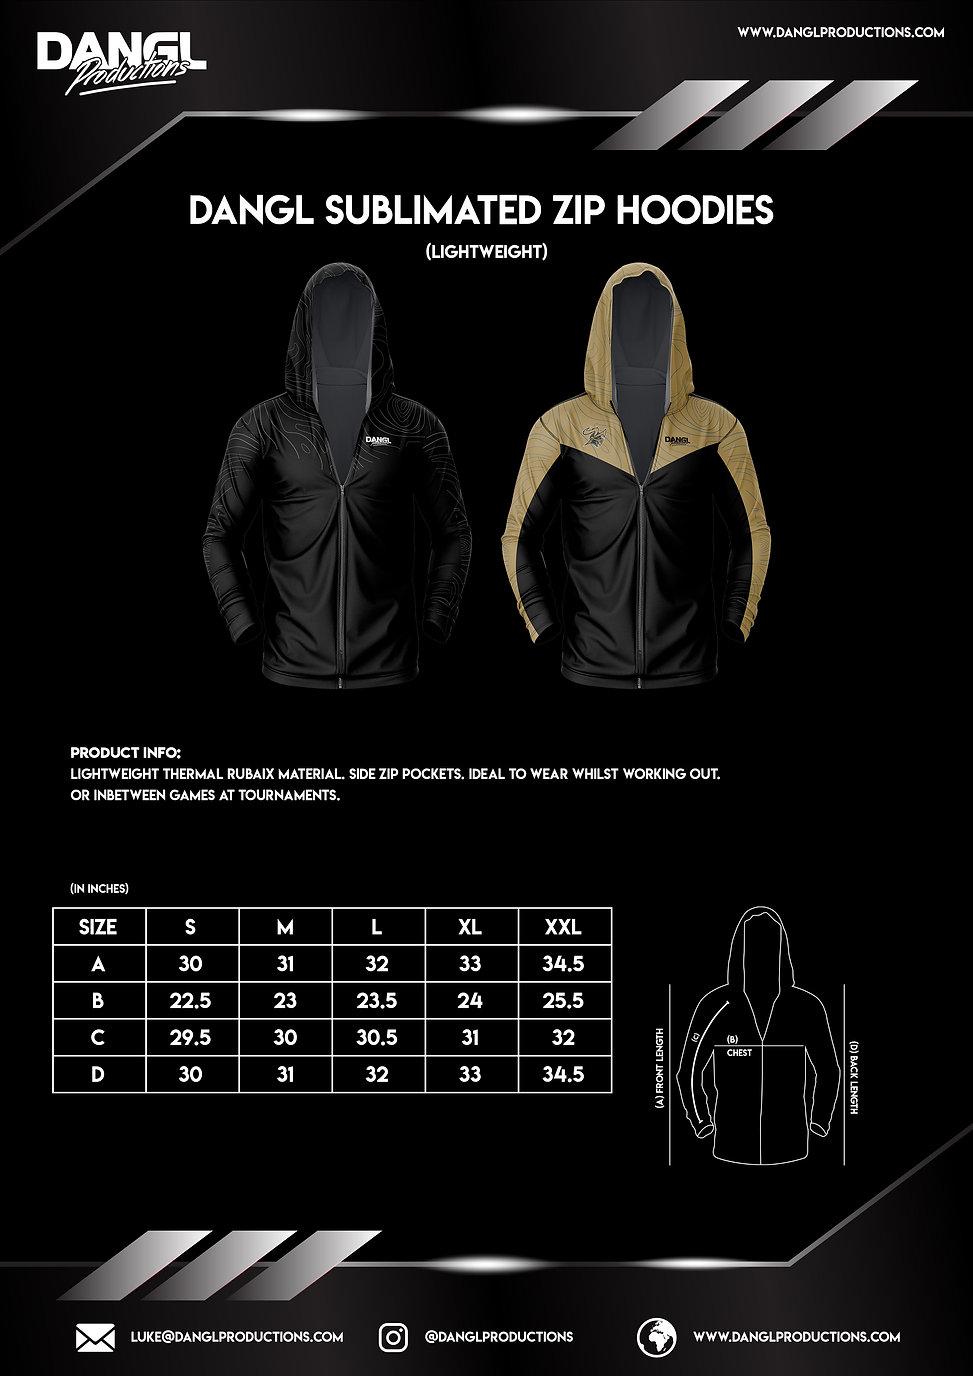 Dangl brochure_0005_dangl zip hoodie bro